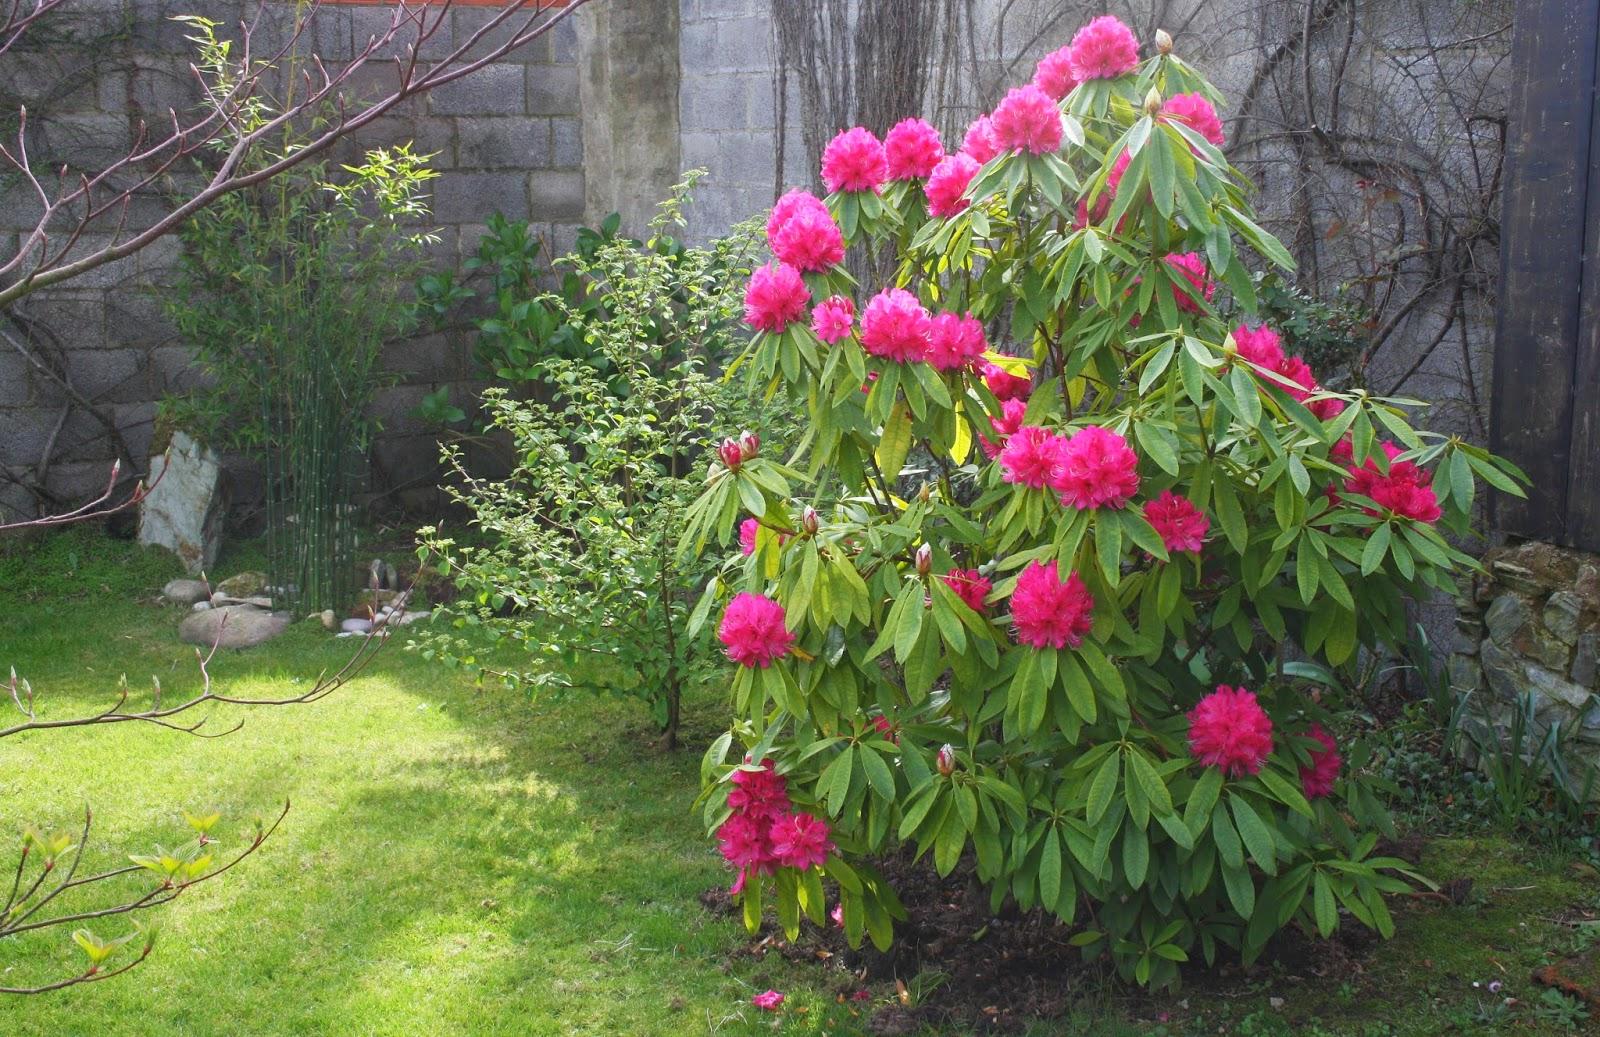 El jard n de margarita rododendro en plena floraci n - Rododendro arbol ...